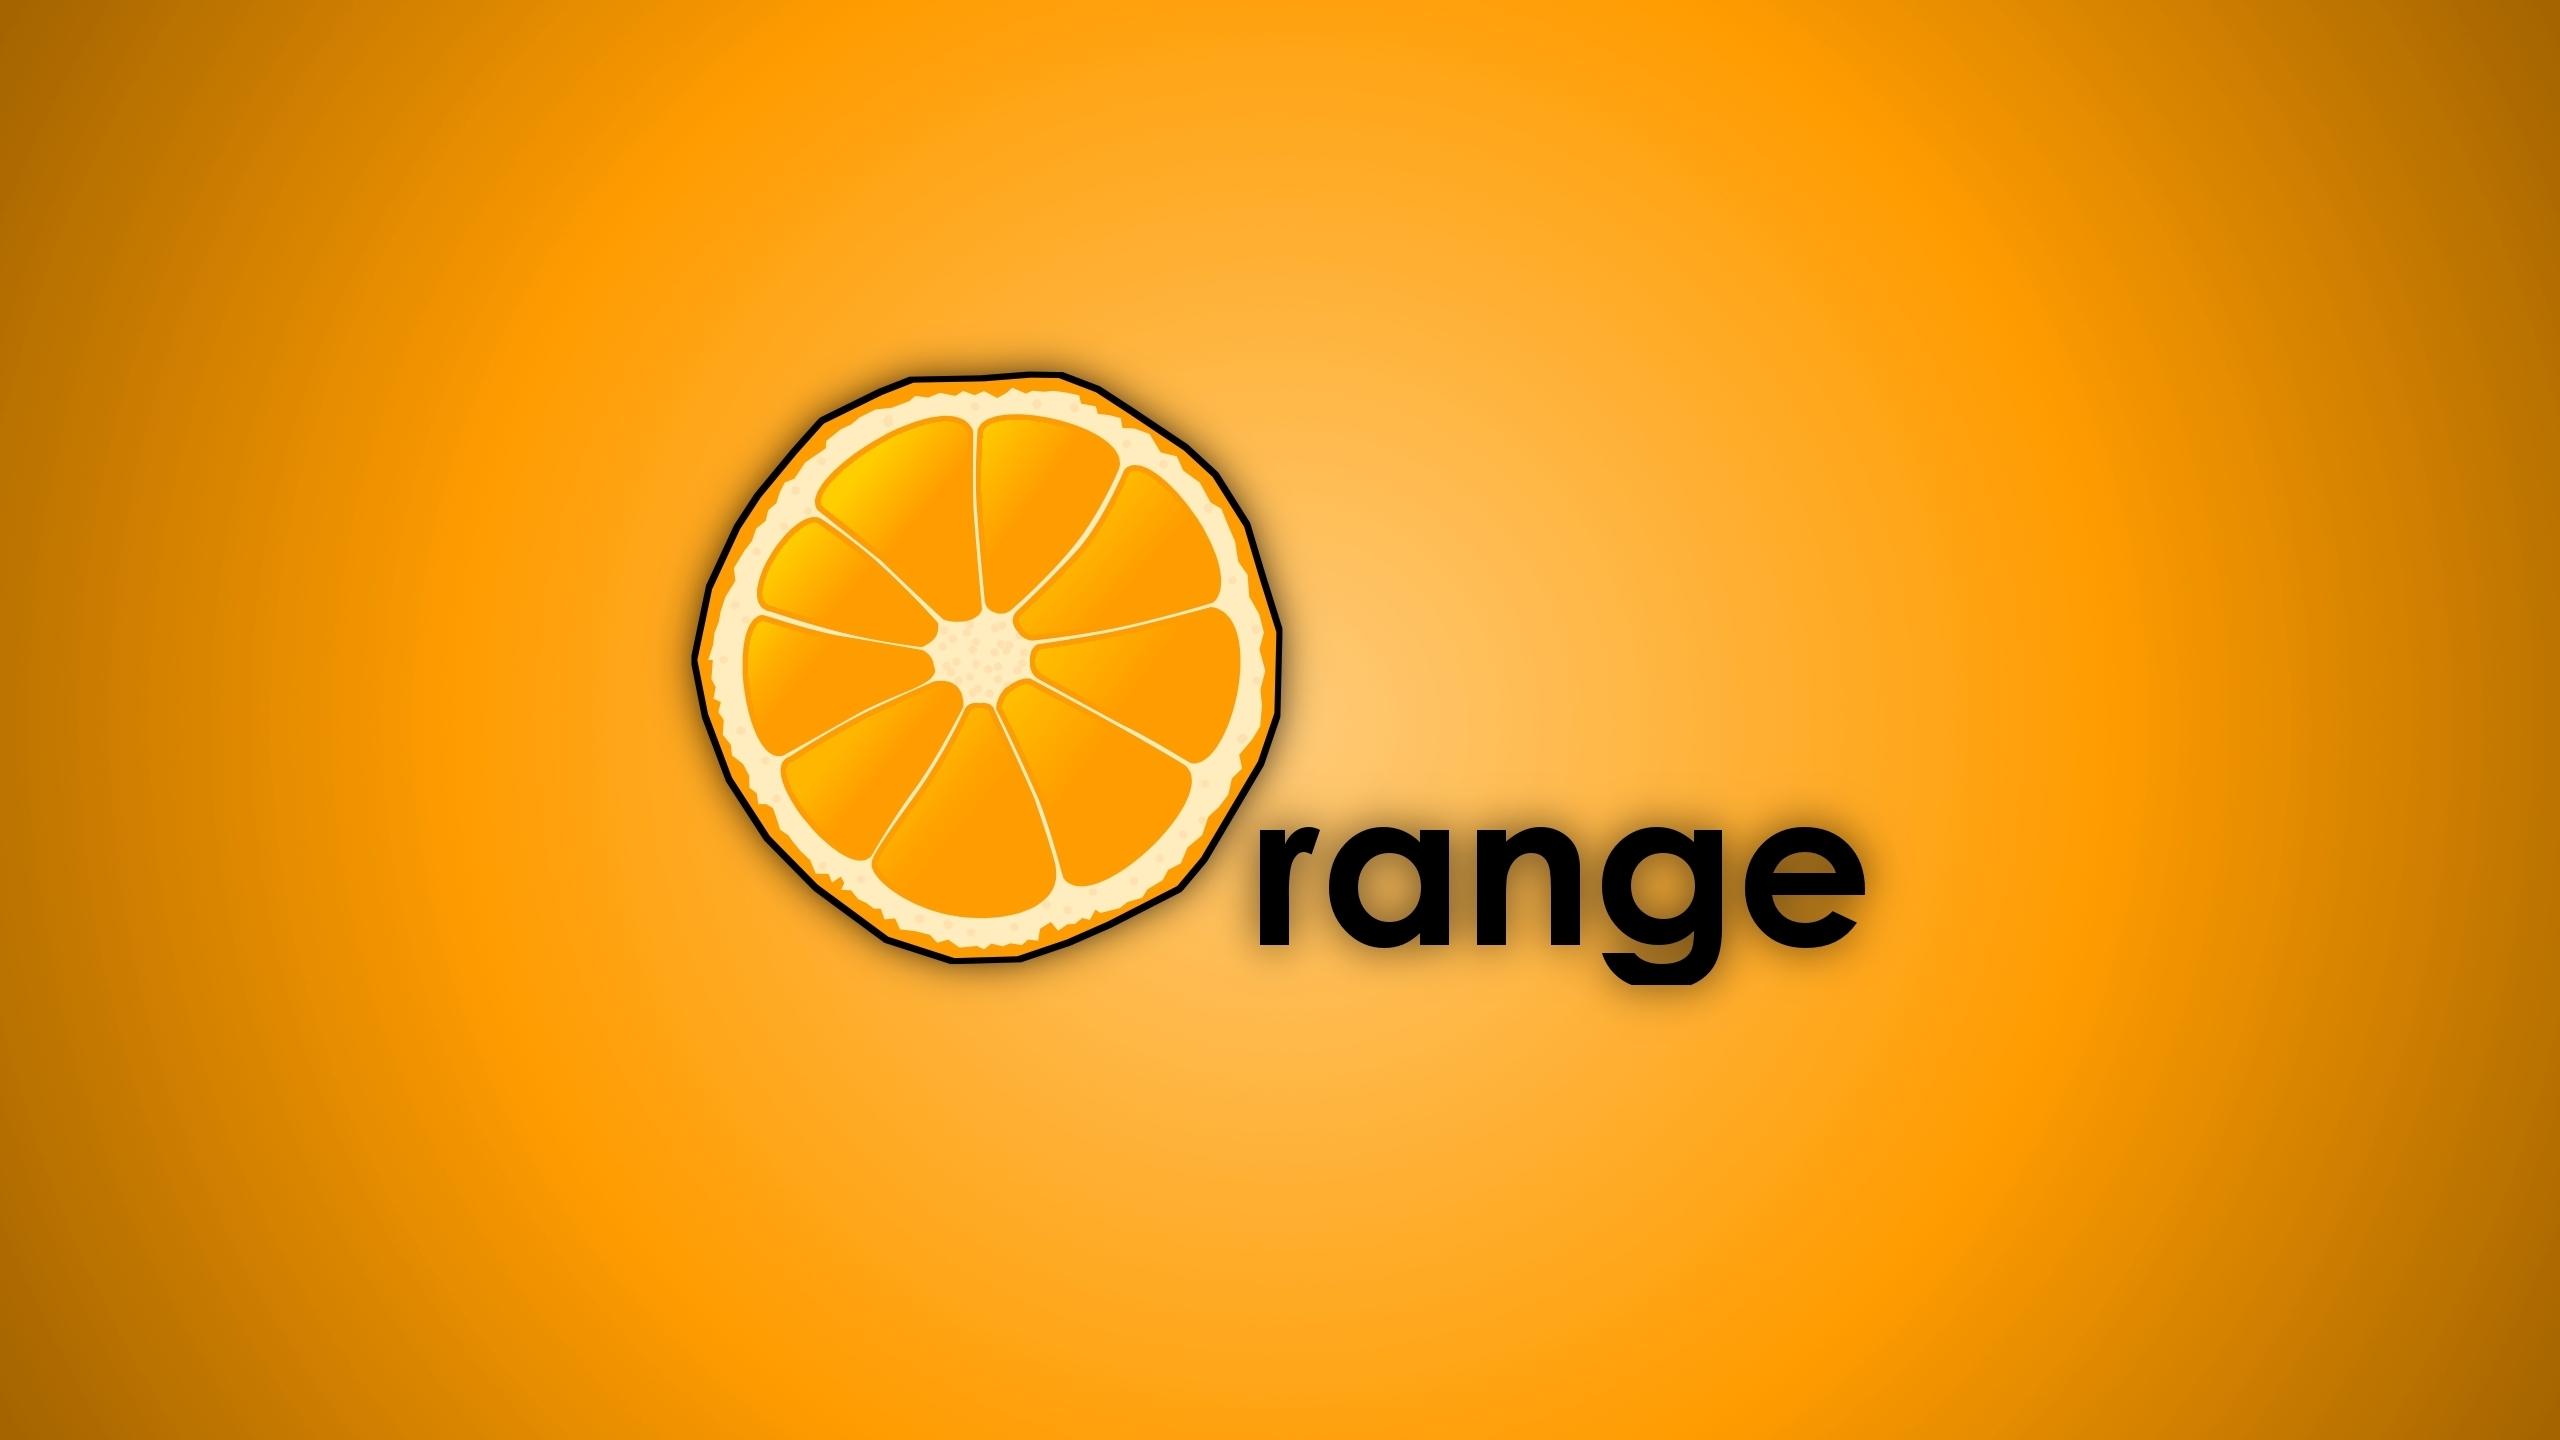 Апельсин Orange  № 2932985 бесплатно